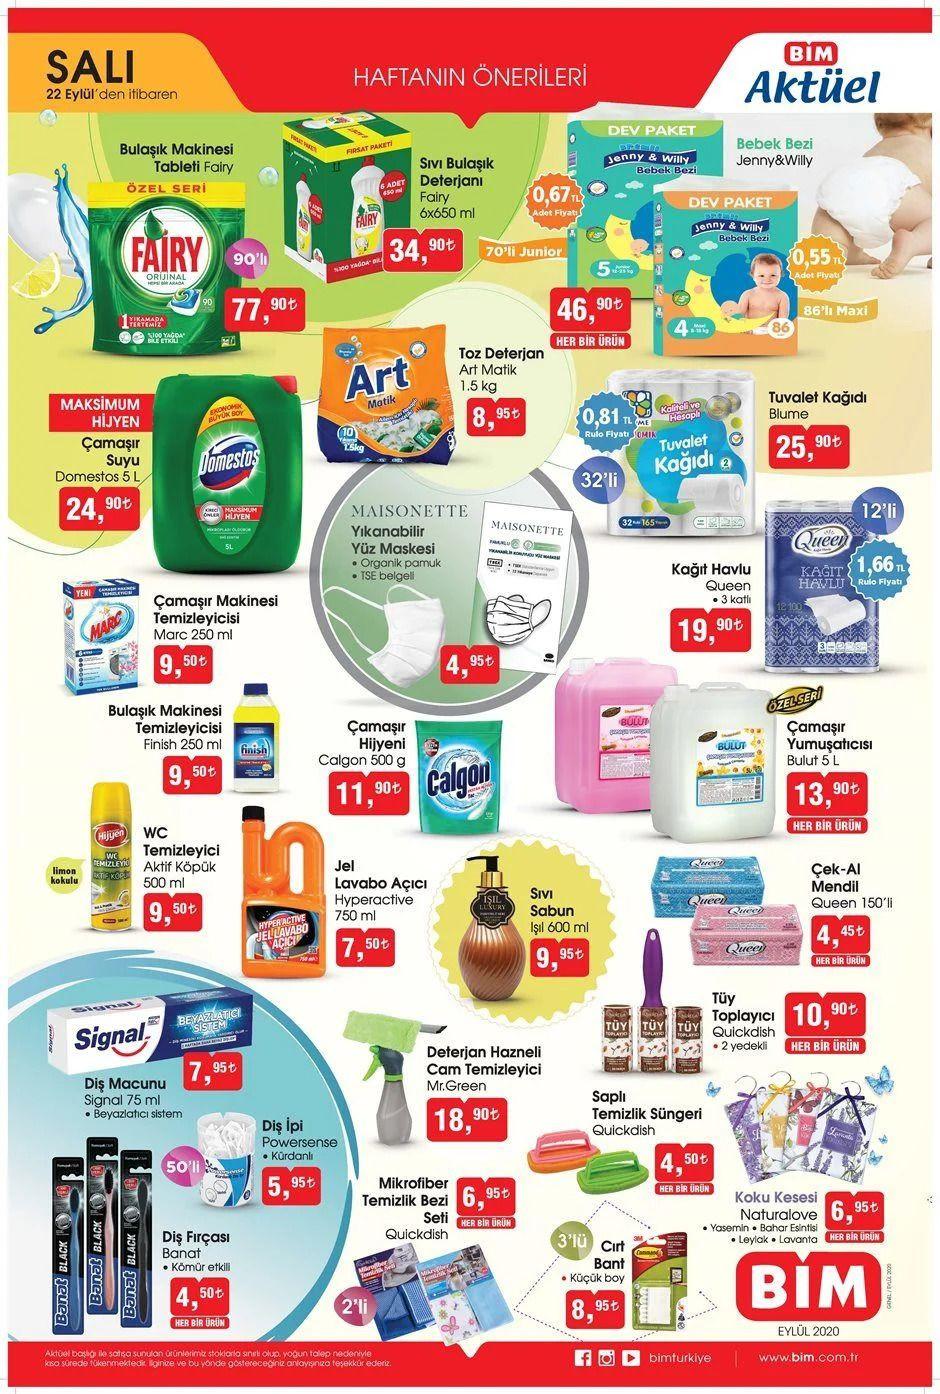 BİM 22 Eylül 2020 aktüel ürünler - Sayfa 1